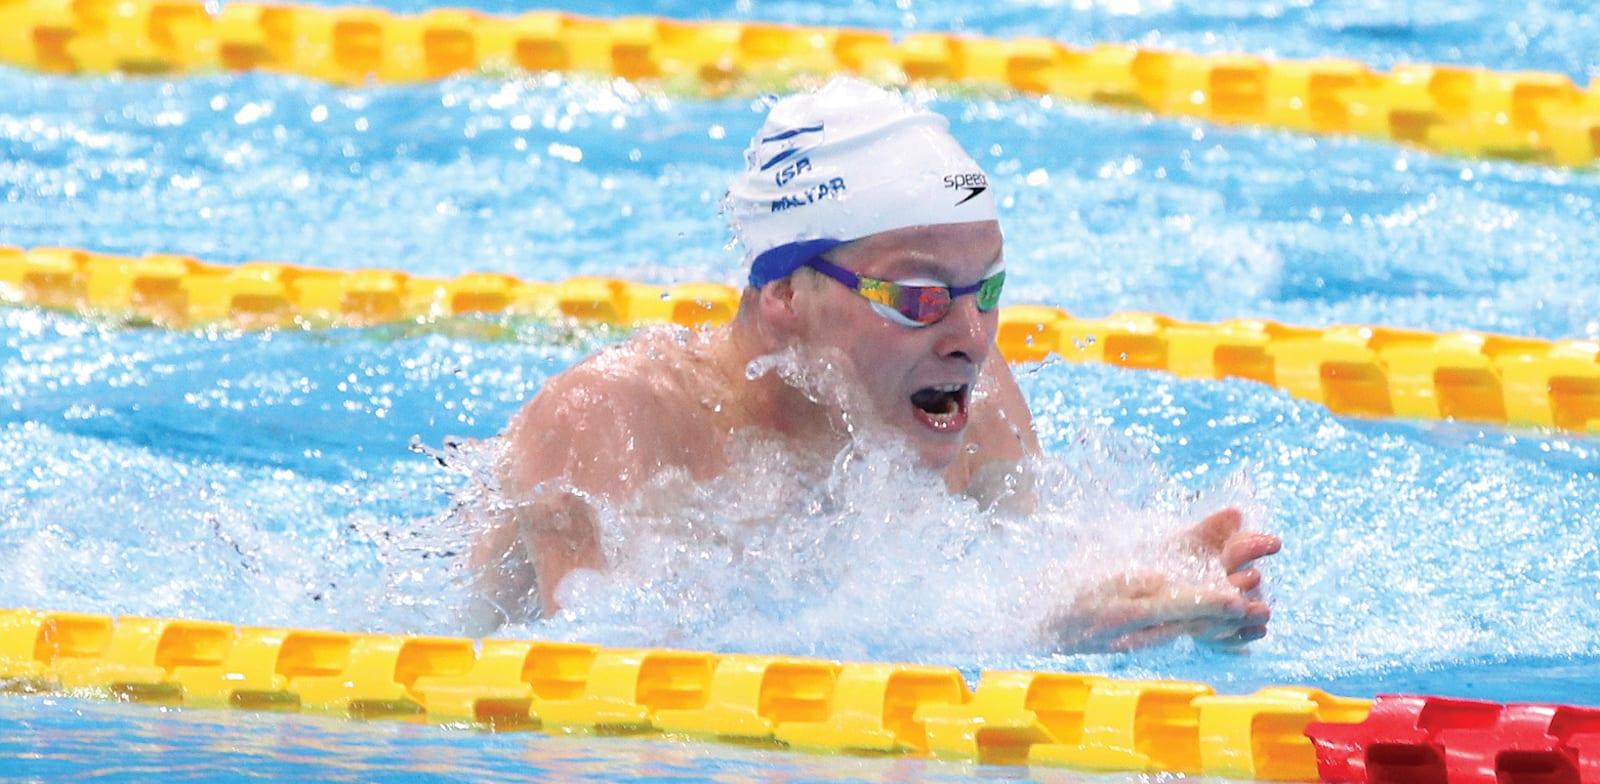 סיפור האהבה עם השחיינים הפראלימפיים. מארק מליאר באולמפיאדת טוקיו / צילום: לילך וייס